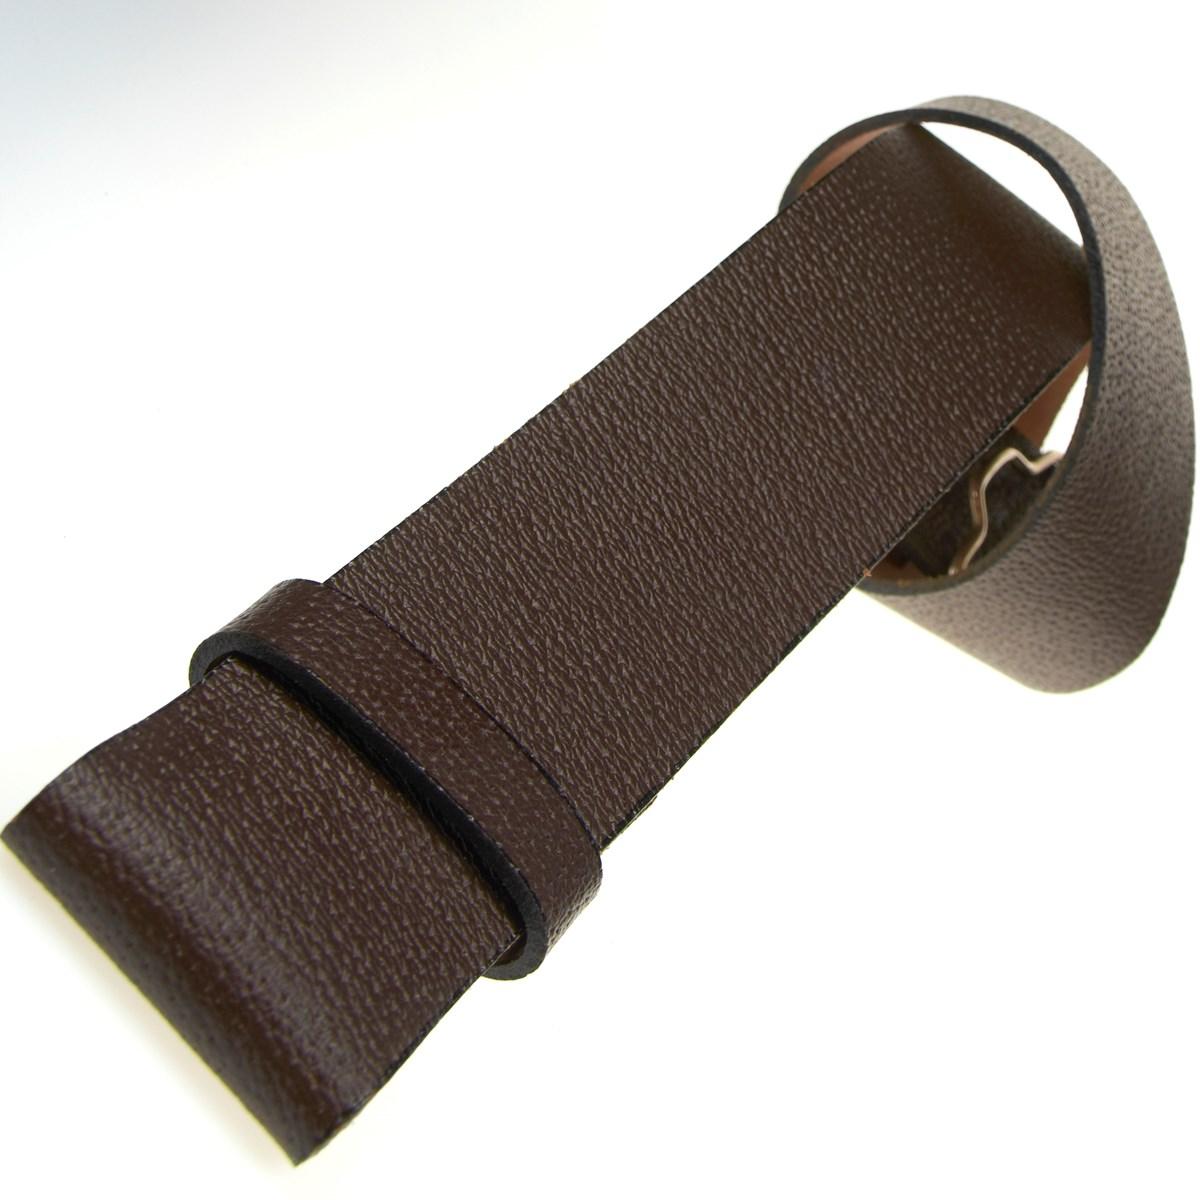 brown leather kilt belt made in edinburgh the kilt store